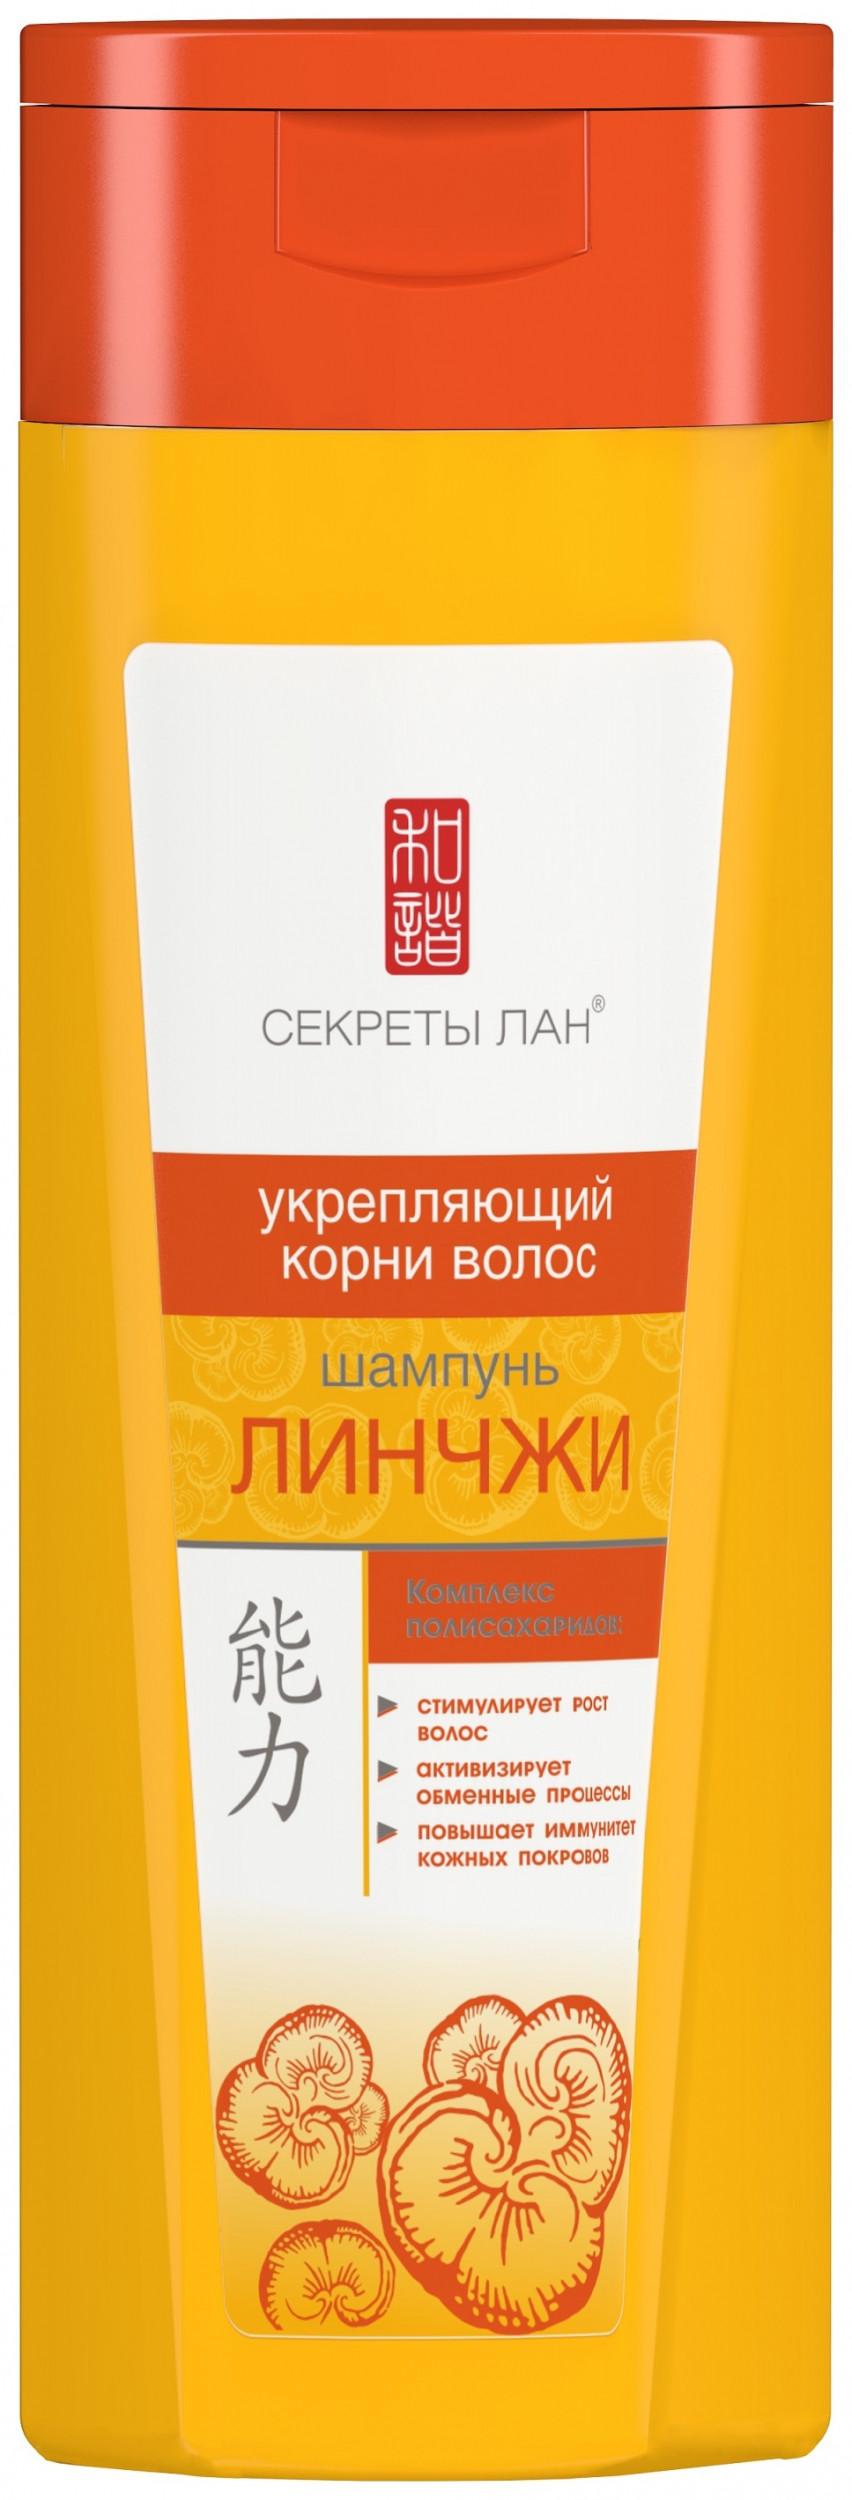 Шампунь для волос укрепляющий Линчжи  Secrets Lan (Секреты Лан)